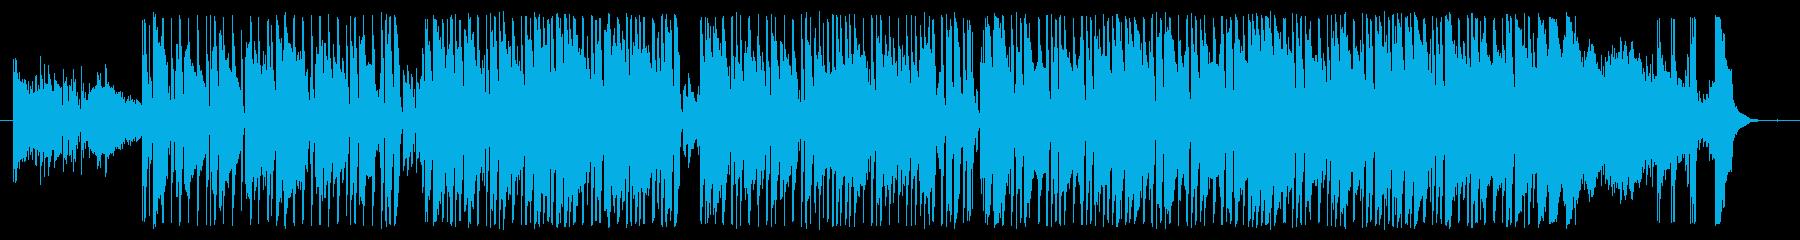 力強くて一体感のあるメロディーの再生済みの波形